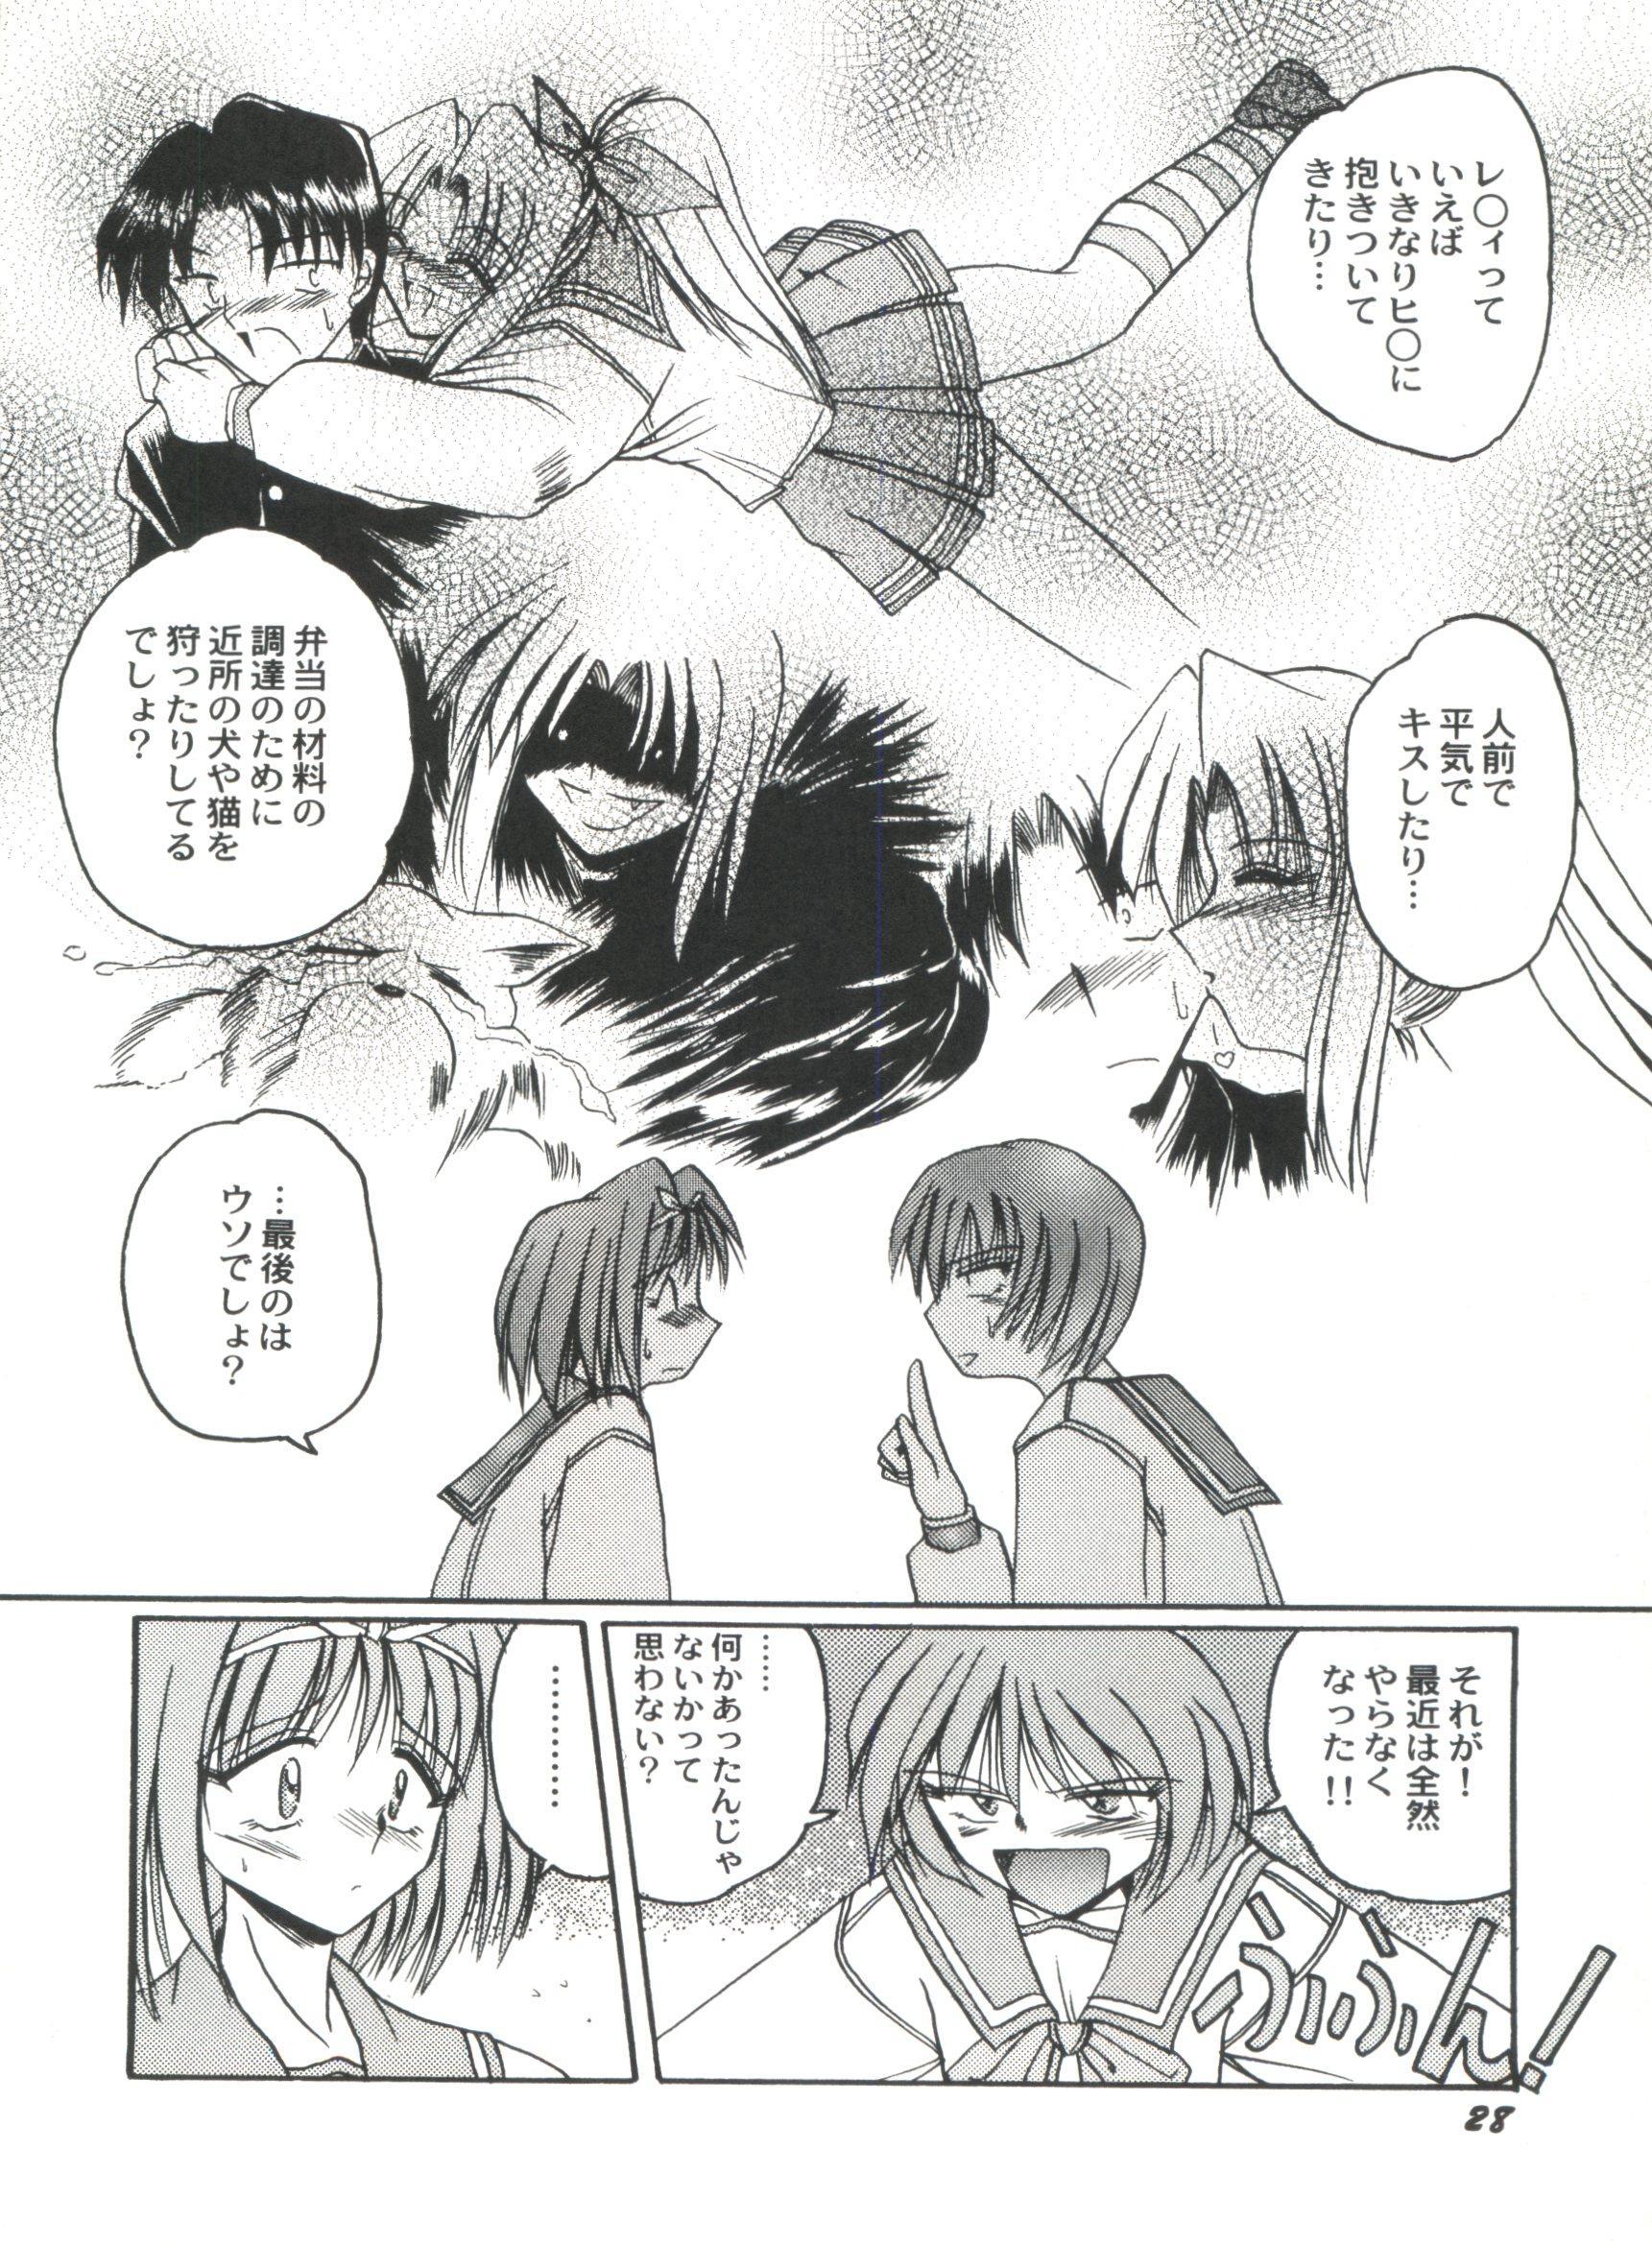 Bishoujo Doujinshi Anthology Cute 4 29